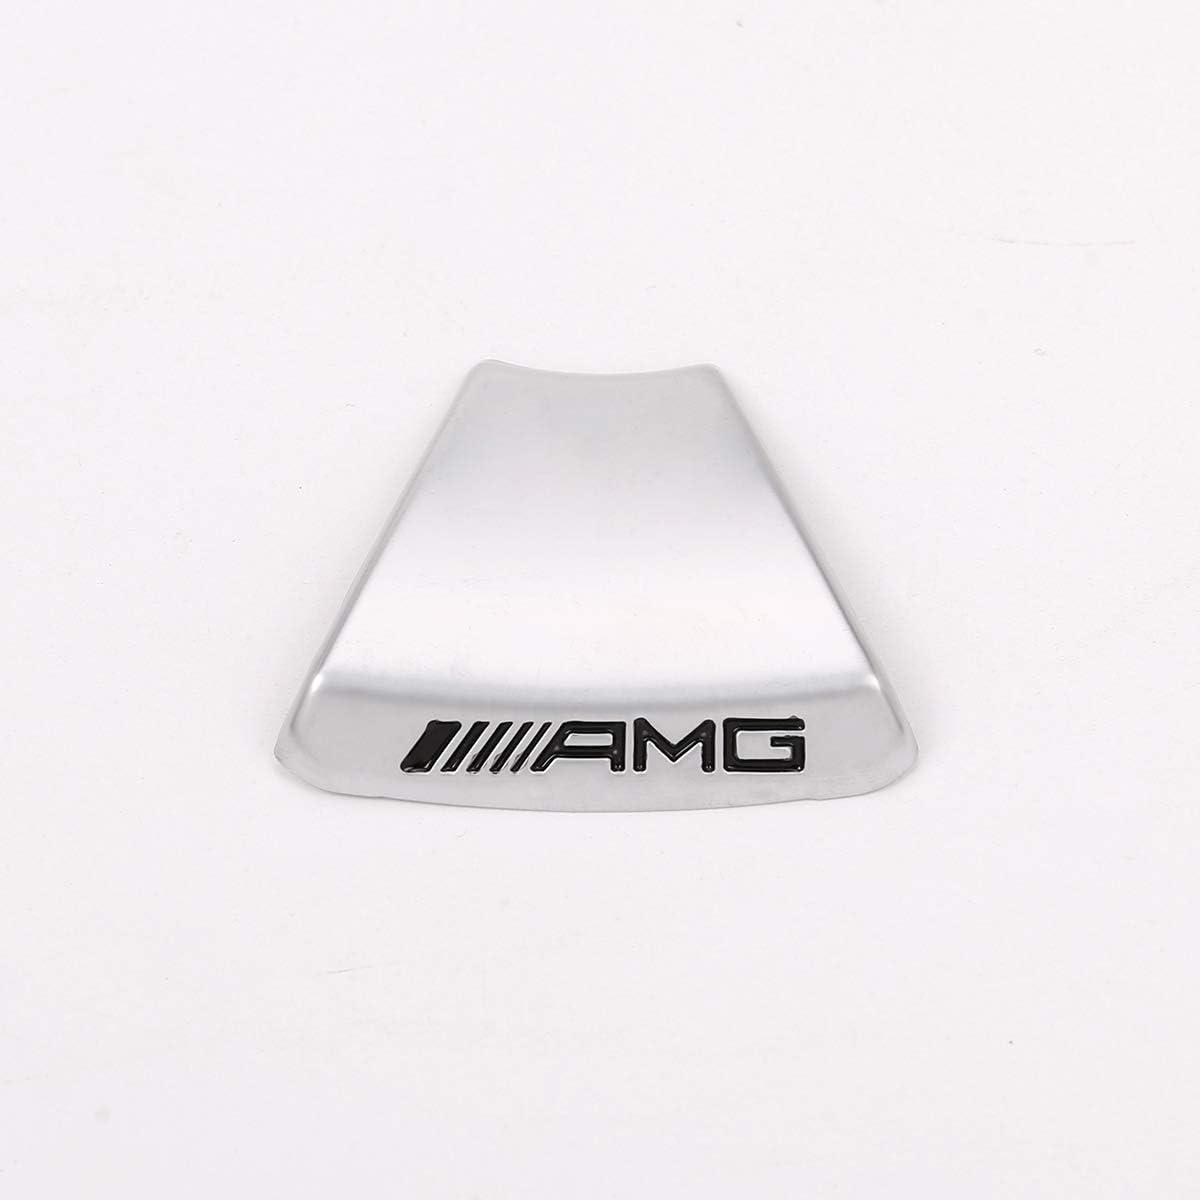 LAUTO Volante Emblema Decalcomania Decalcomania Adesivo Distintivo Decorazione Logo Rline o R per VW Tiguan L//Teramont//Golf 7 Sportsvan//Magotan B8//Passat//Lamando,No 1